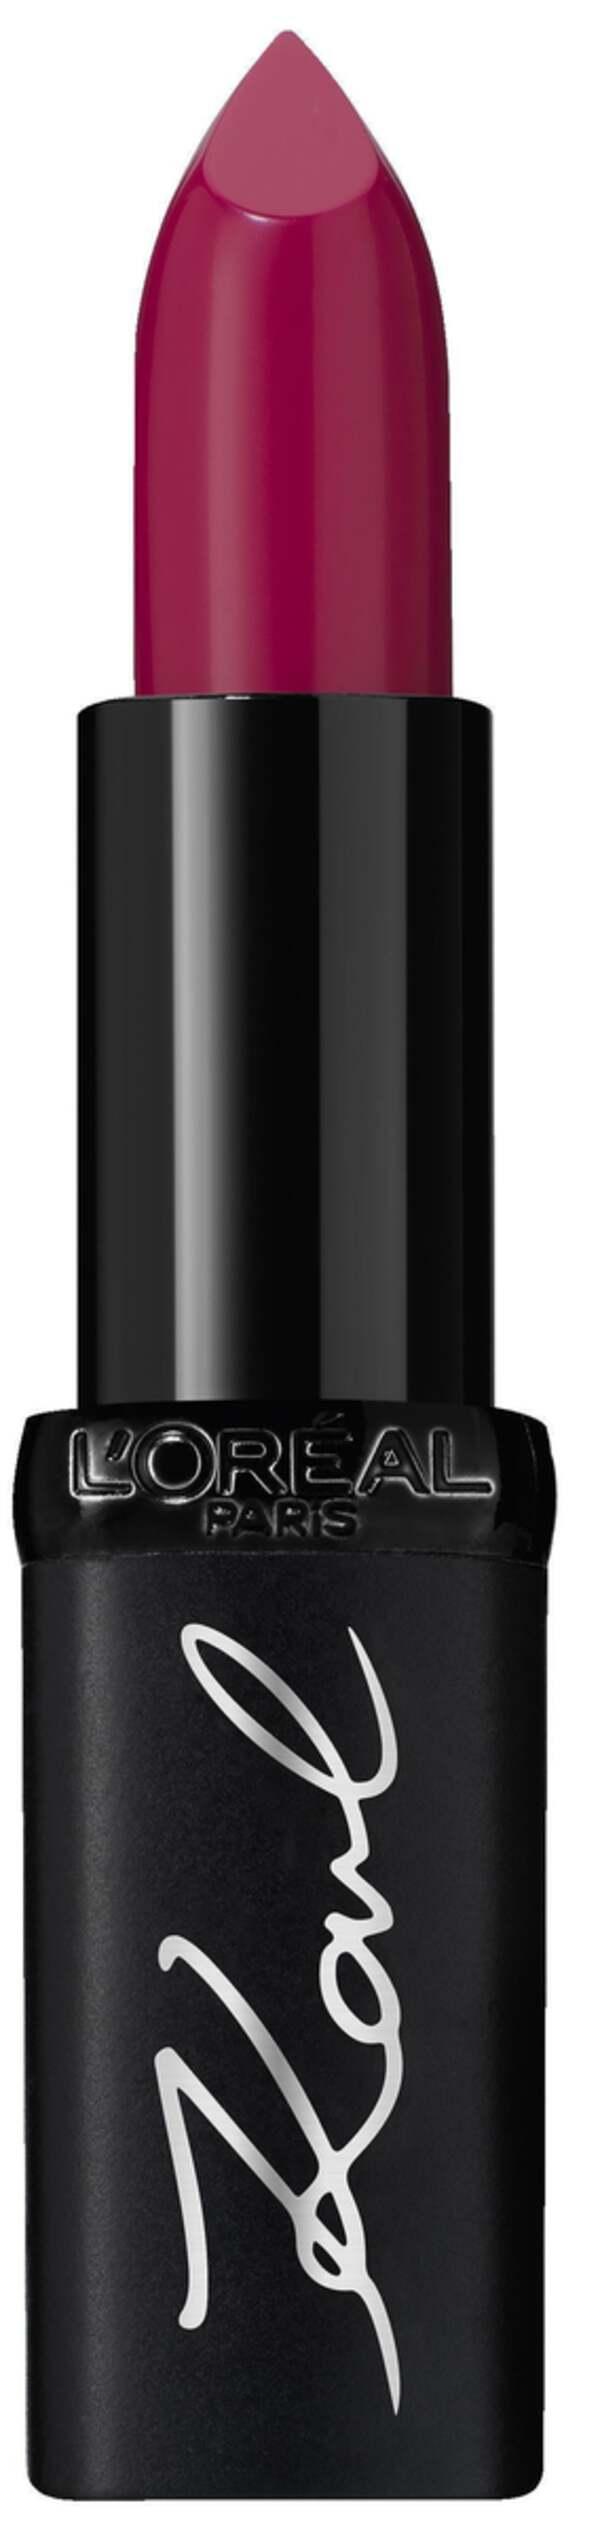 L'Oréal Paris Karl Lagerfeld Lippenstift Ironik